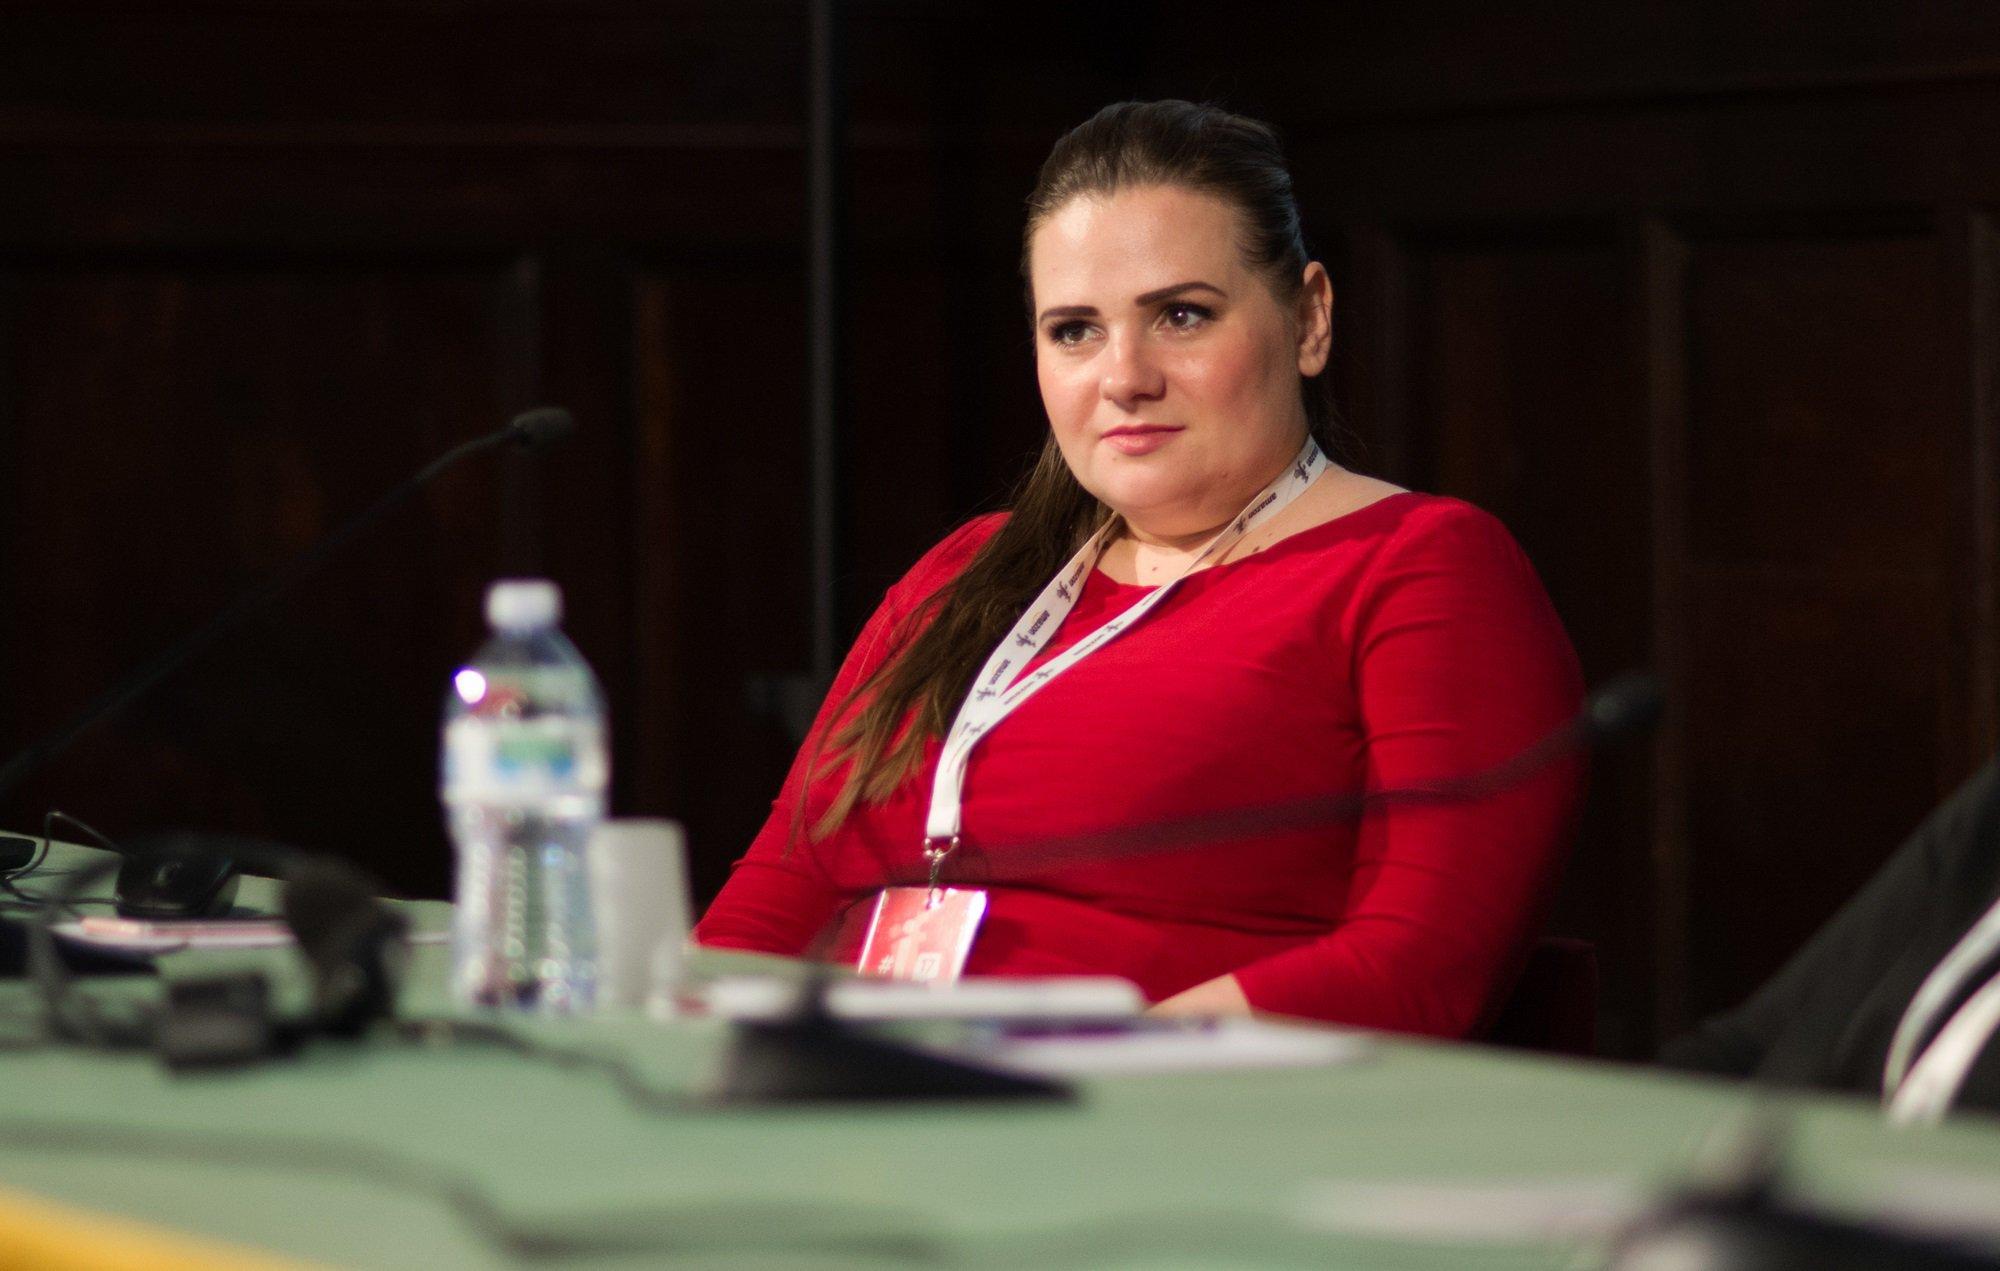 Miranda Patruçiçdən siyasətçi, jurnalist və fəalların dinlənilməsiylə bağlı açıqlama